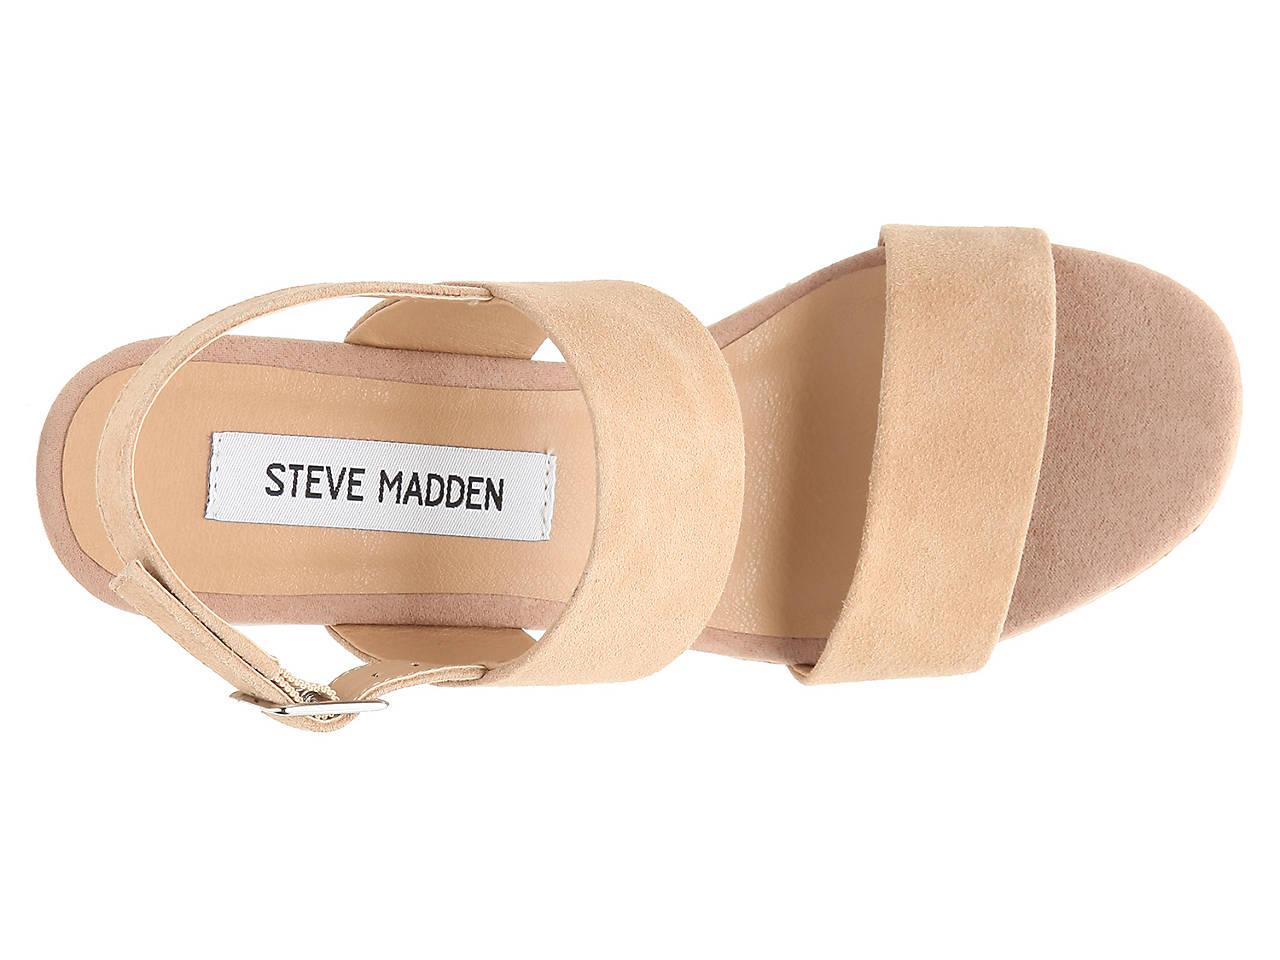 e6c4d1199a Steve Madden Hoda Wedge Sandal Women's Shoes   DSW